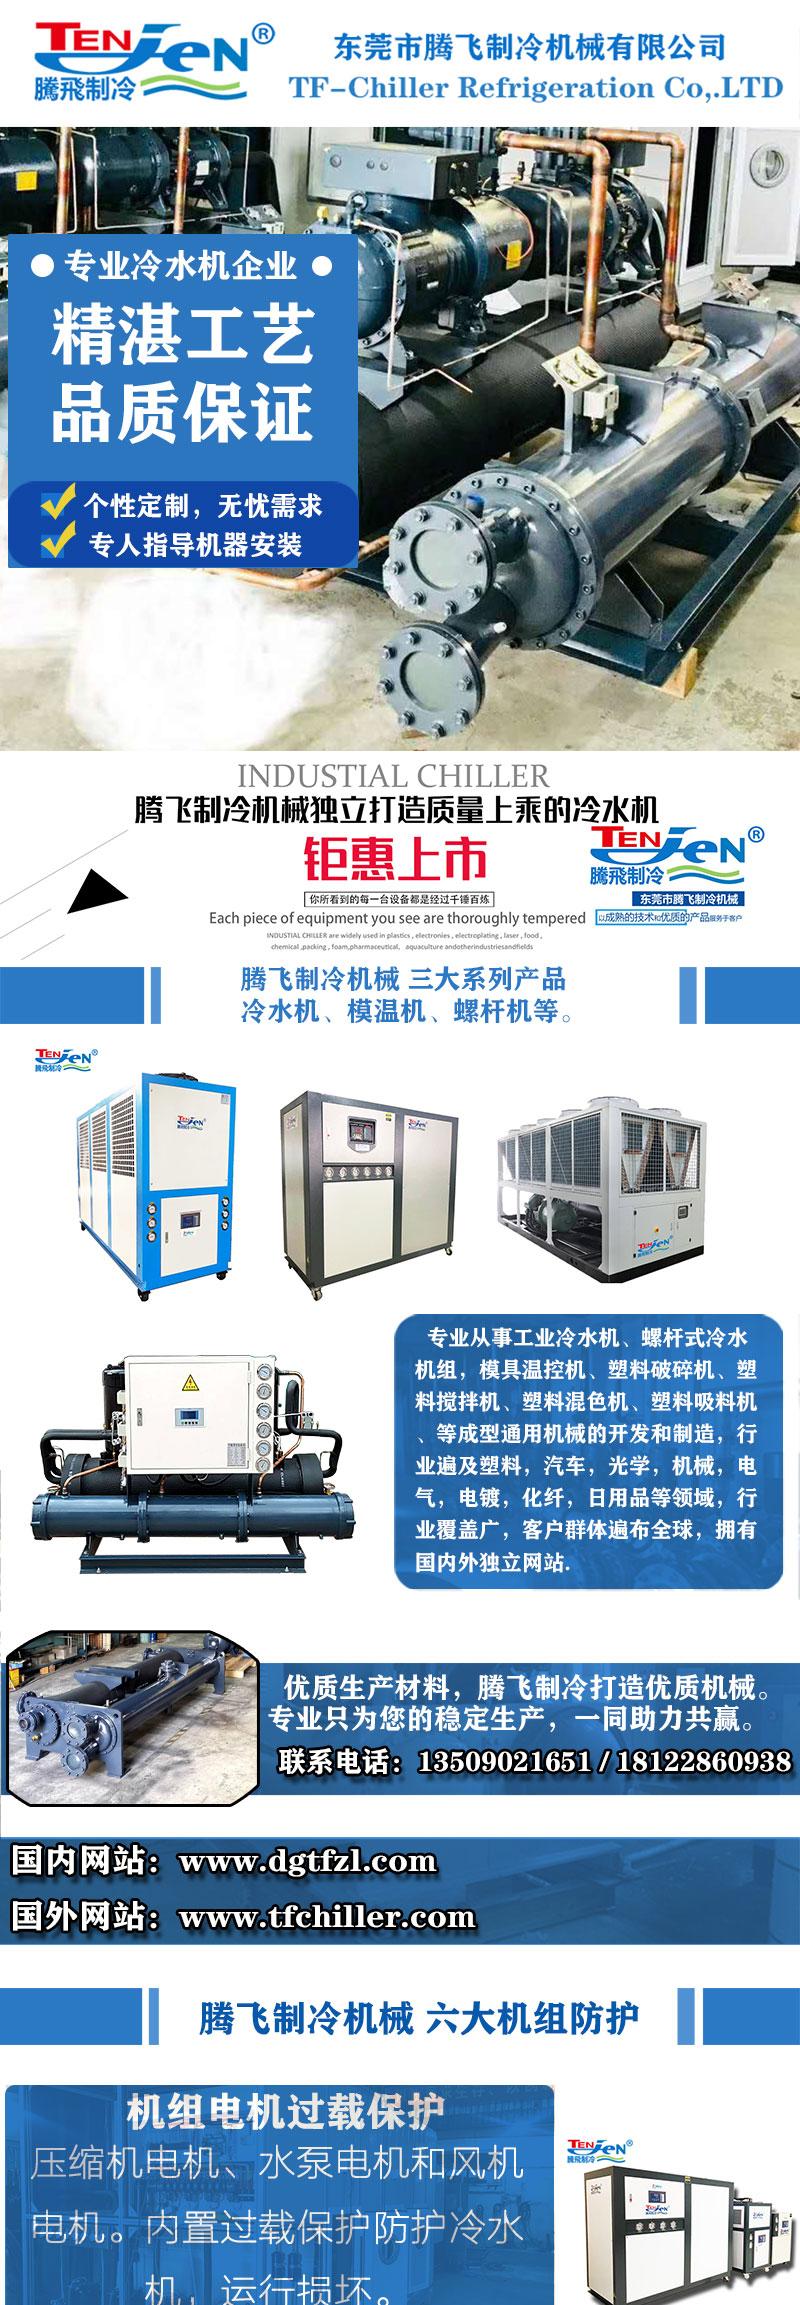 低温冷水机厂家,冰水机,螺杆冷水机,冷水机组,冷水机厂家低温冷水机厂家,冰水机,螺杆冷水机,冷水机组,冷水机厂家